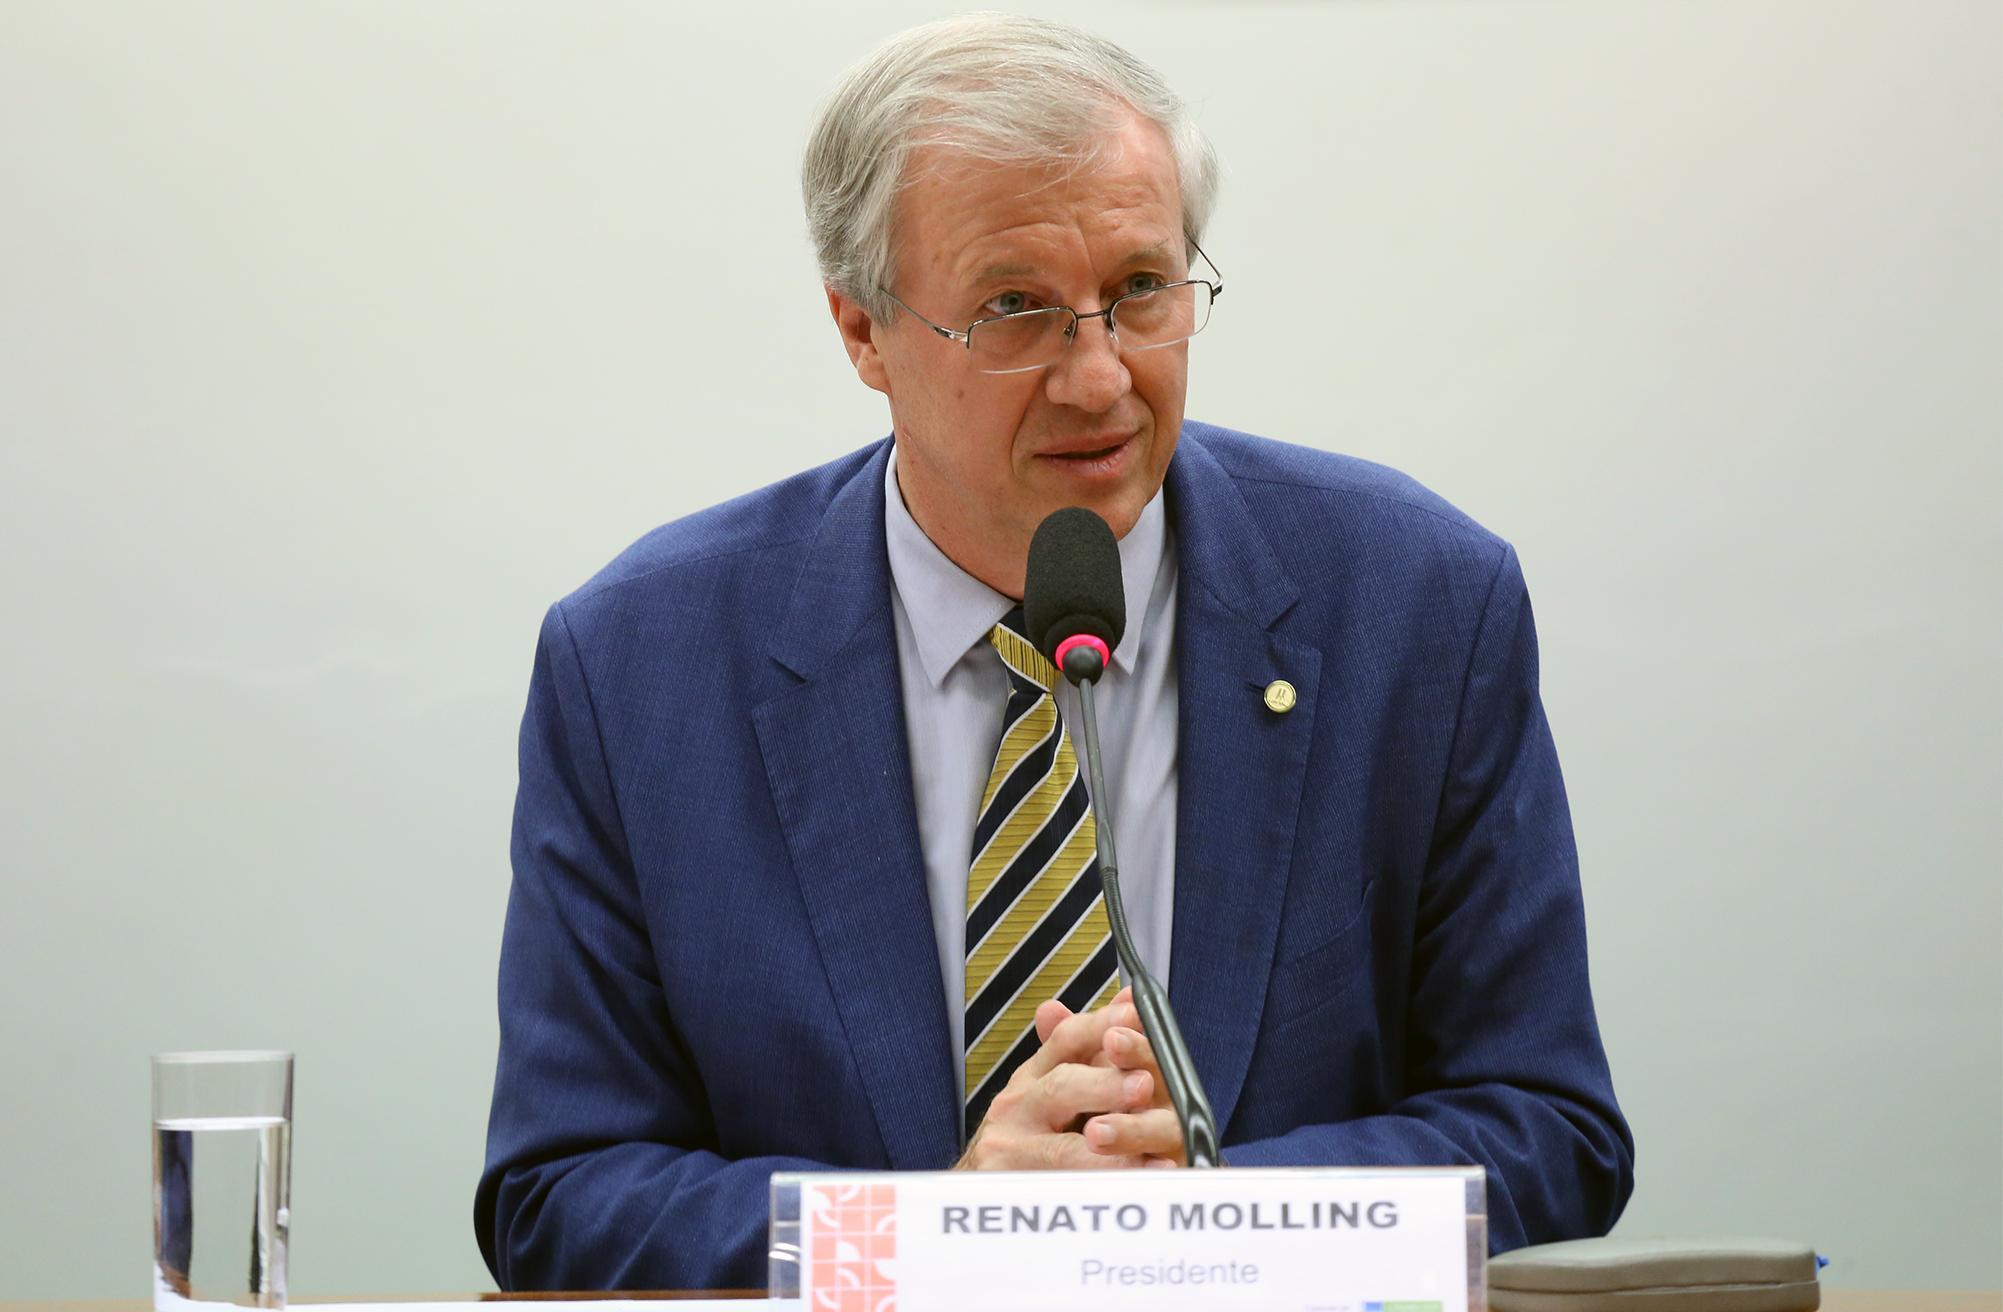 Instalação dos trabalhos e eleição dos Presidentes e Vice-Presidentes. Presidente eleito dep. Renato Molling (PP - RS)